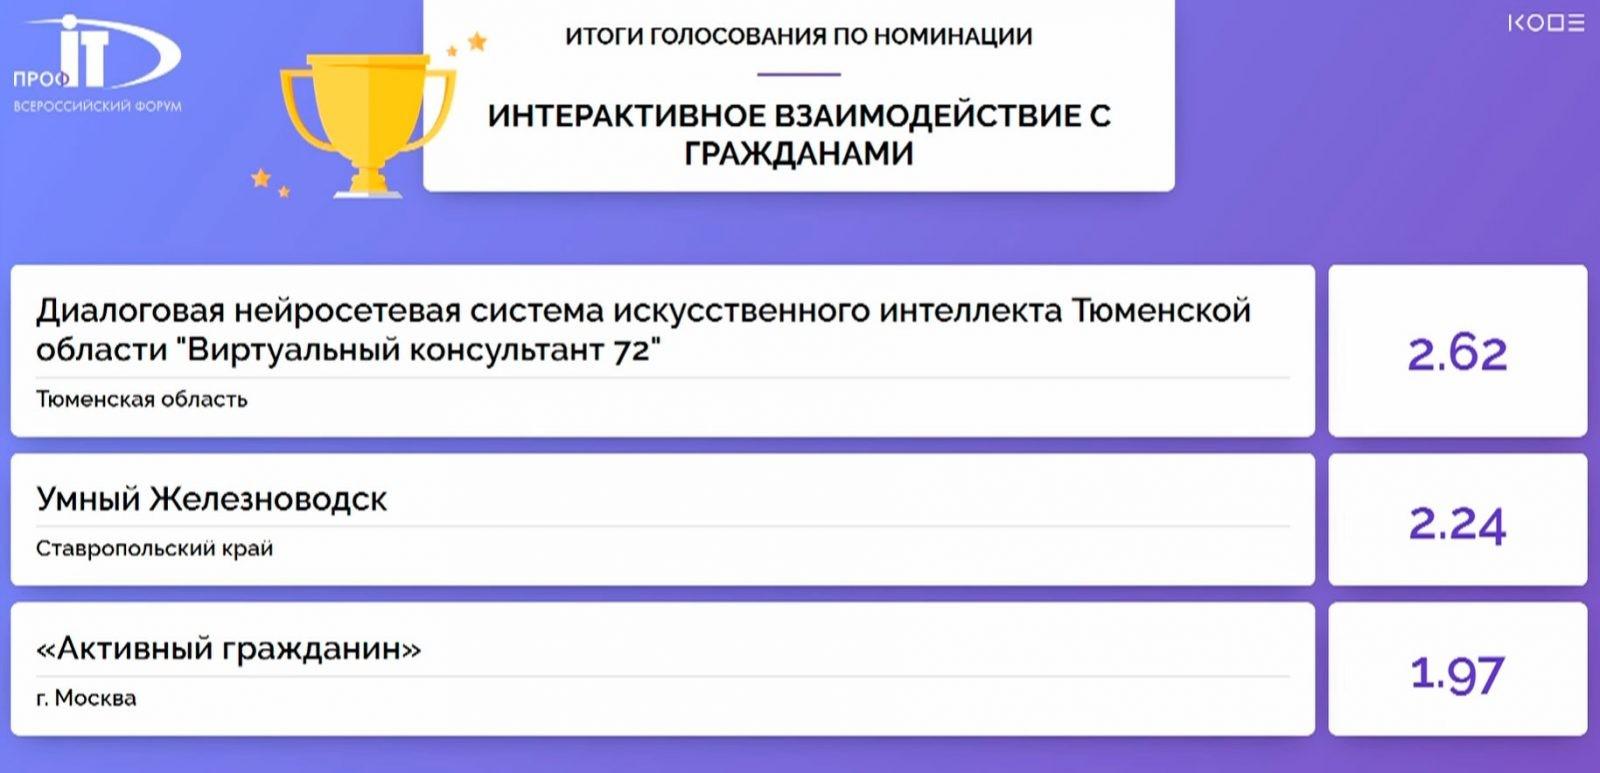 Победителем в номинации «Интерактивное взаимодействие с гражданами» конкурса IT-проектов форума «ПРОФ-IT.2020» стала Тюменская область